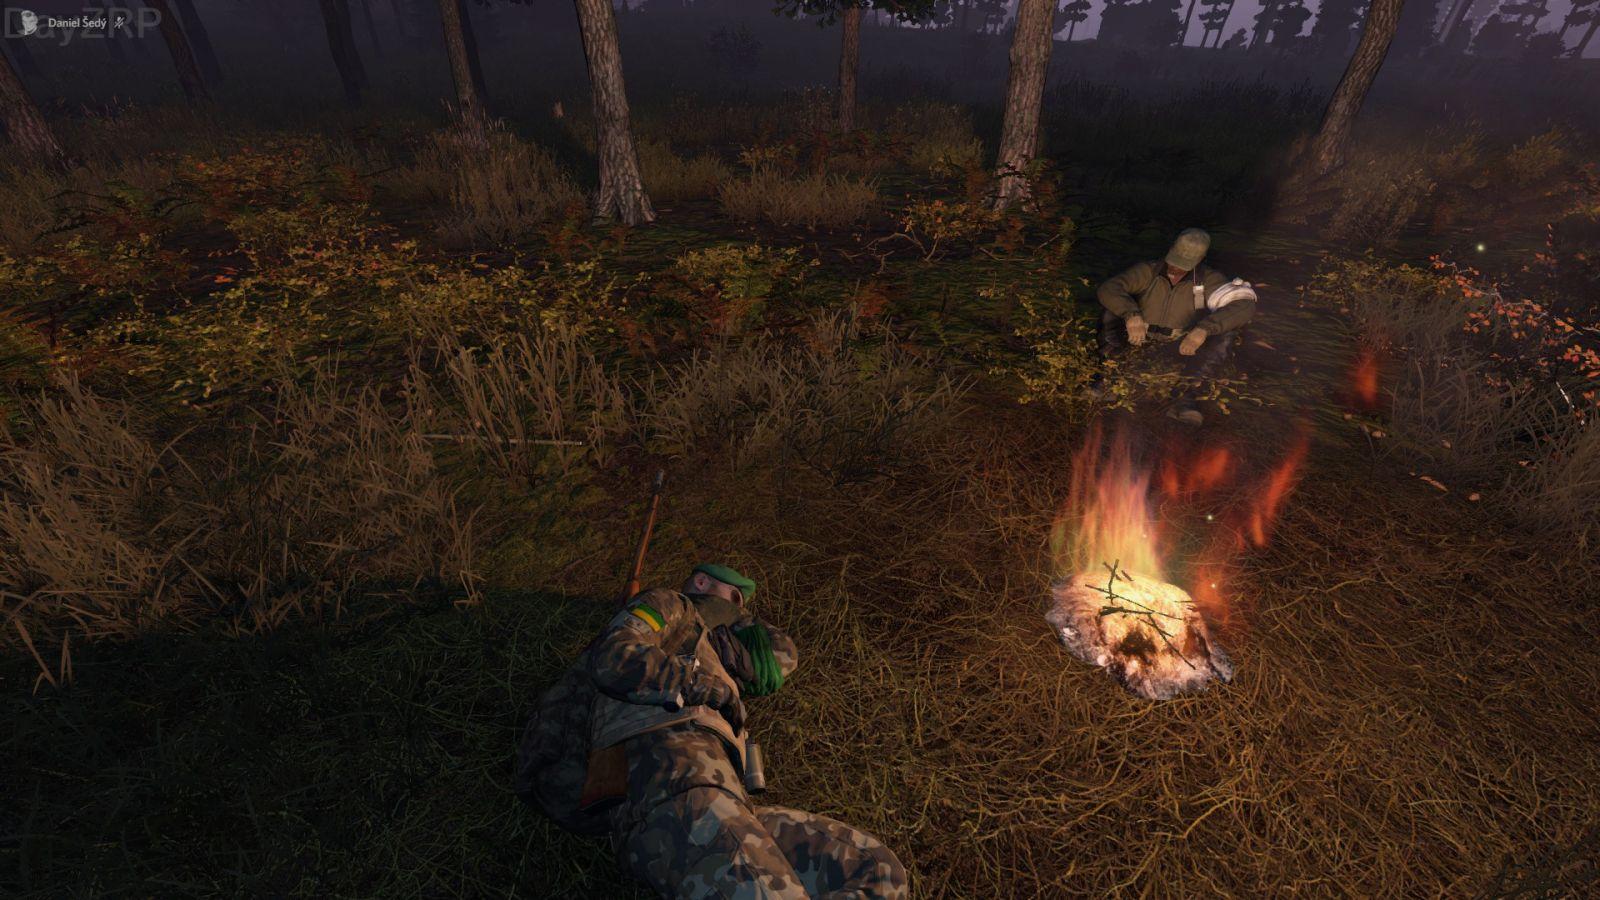 Allies & friends sharing a fire